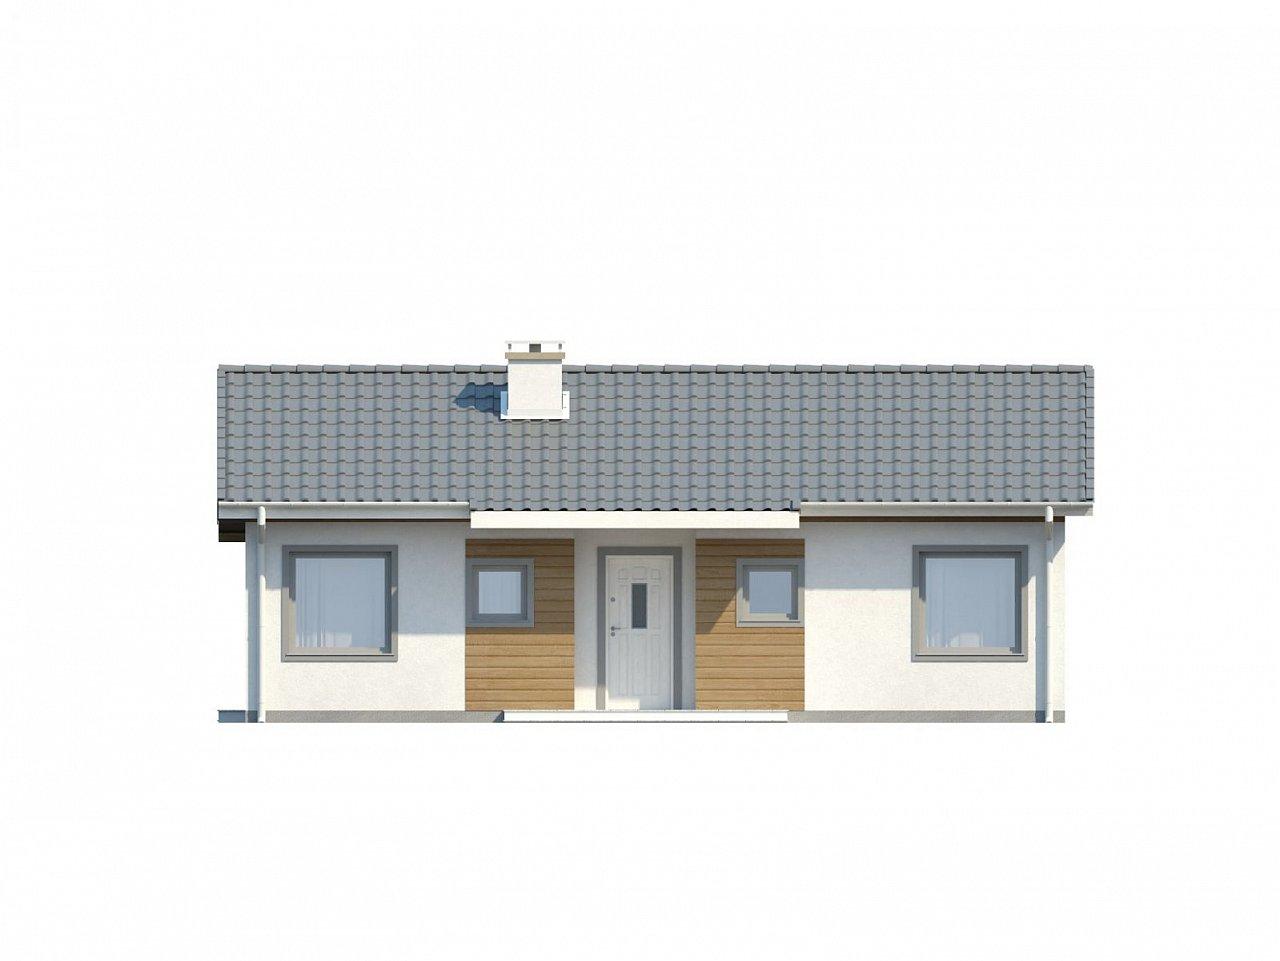 Функциональный и практичный проект дома Z7 в каркасном исполнении - фото 23